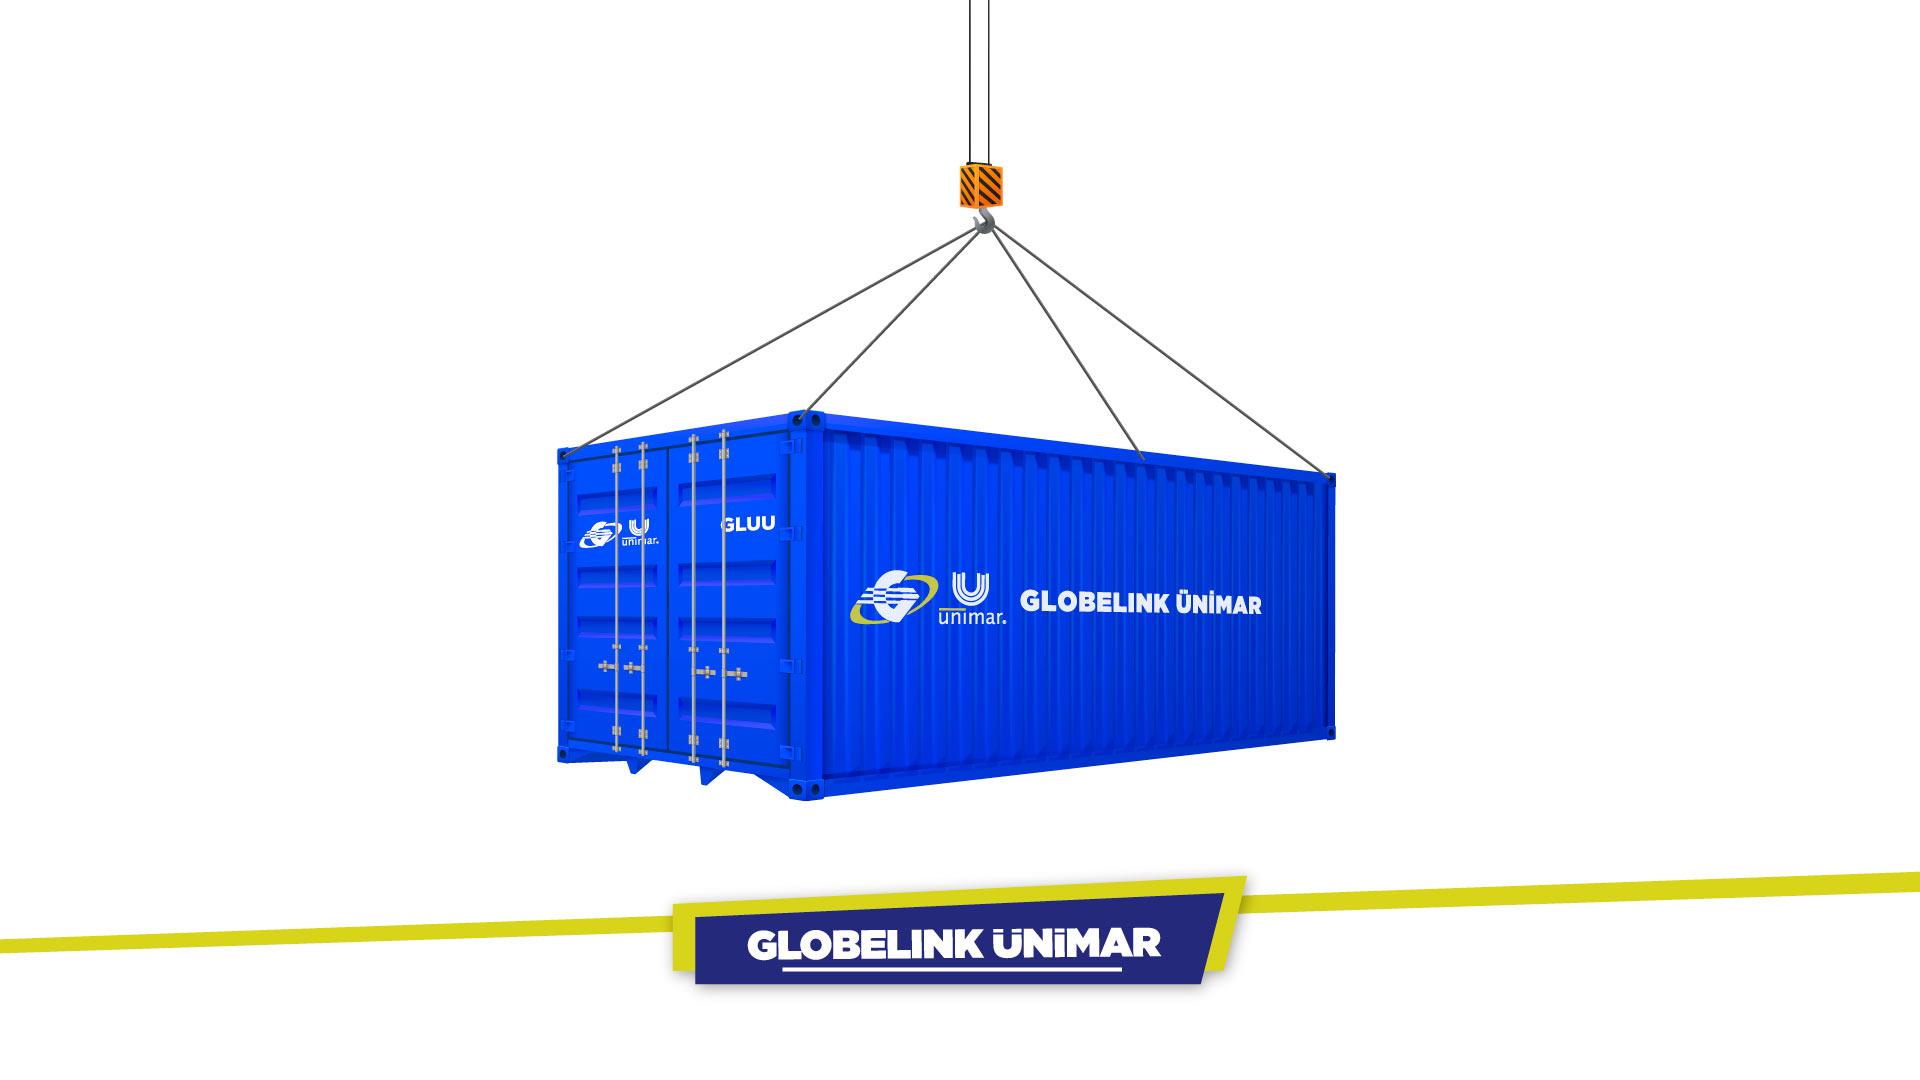 Globelink Ünimar Konteynerleri GLUU Koduyla Dolaşımda